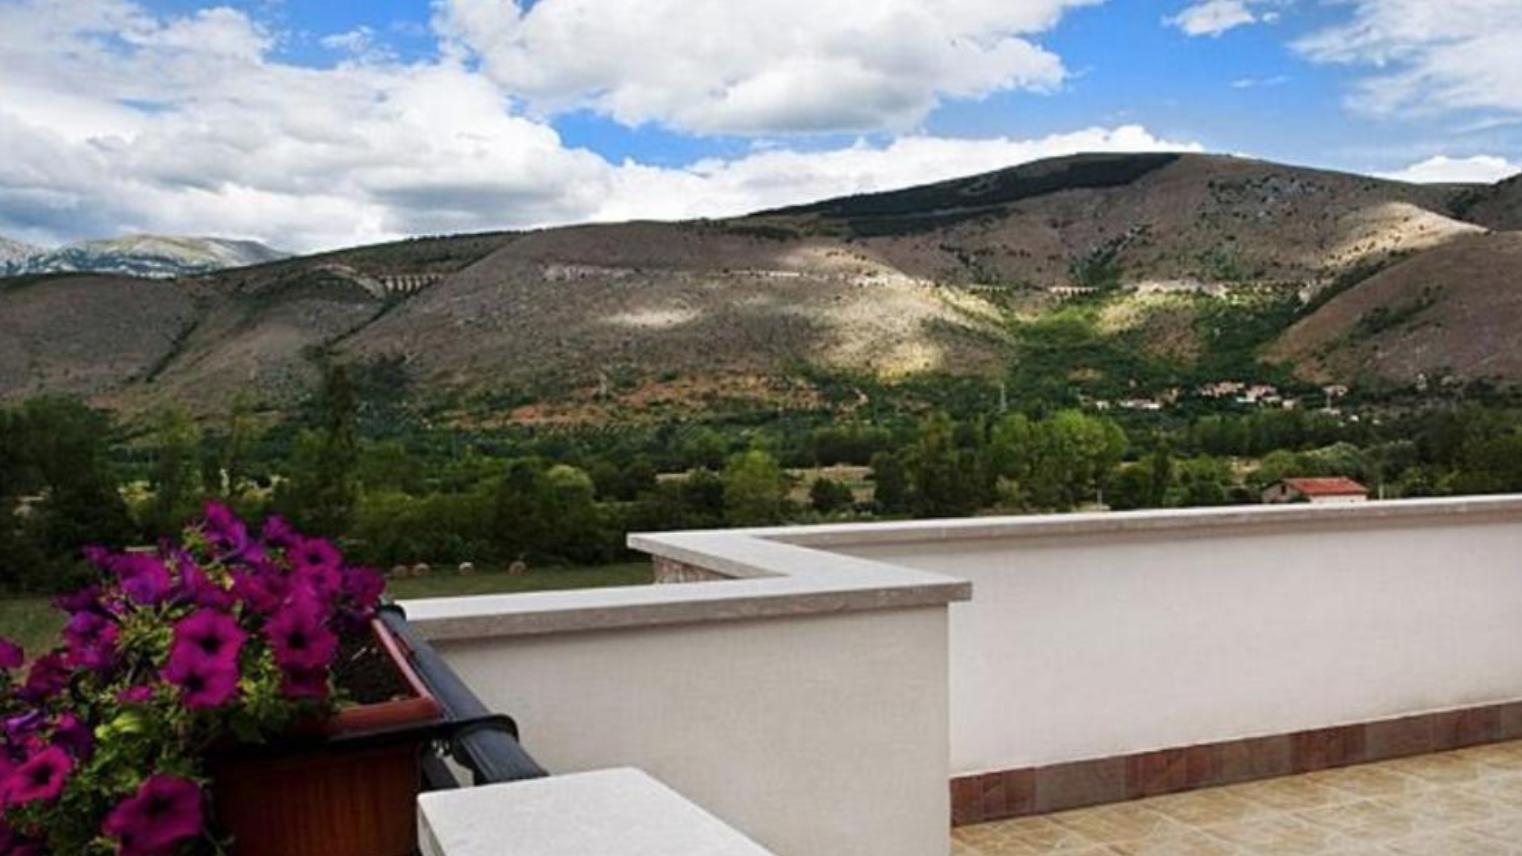 Ferienwohnung Bauernhaus mit 8 unabhngigen Vier-, Doppel- und Doppelwohnungen mit Bad und Kche (2789247), Pettorano sul Gizio, L'Aquila, Abruzzen, Italien, Bild 8